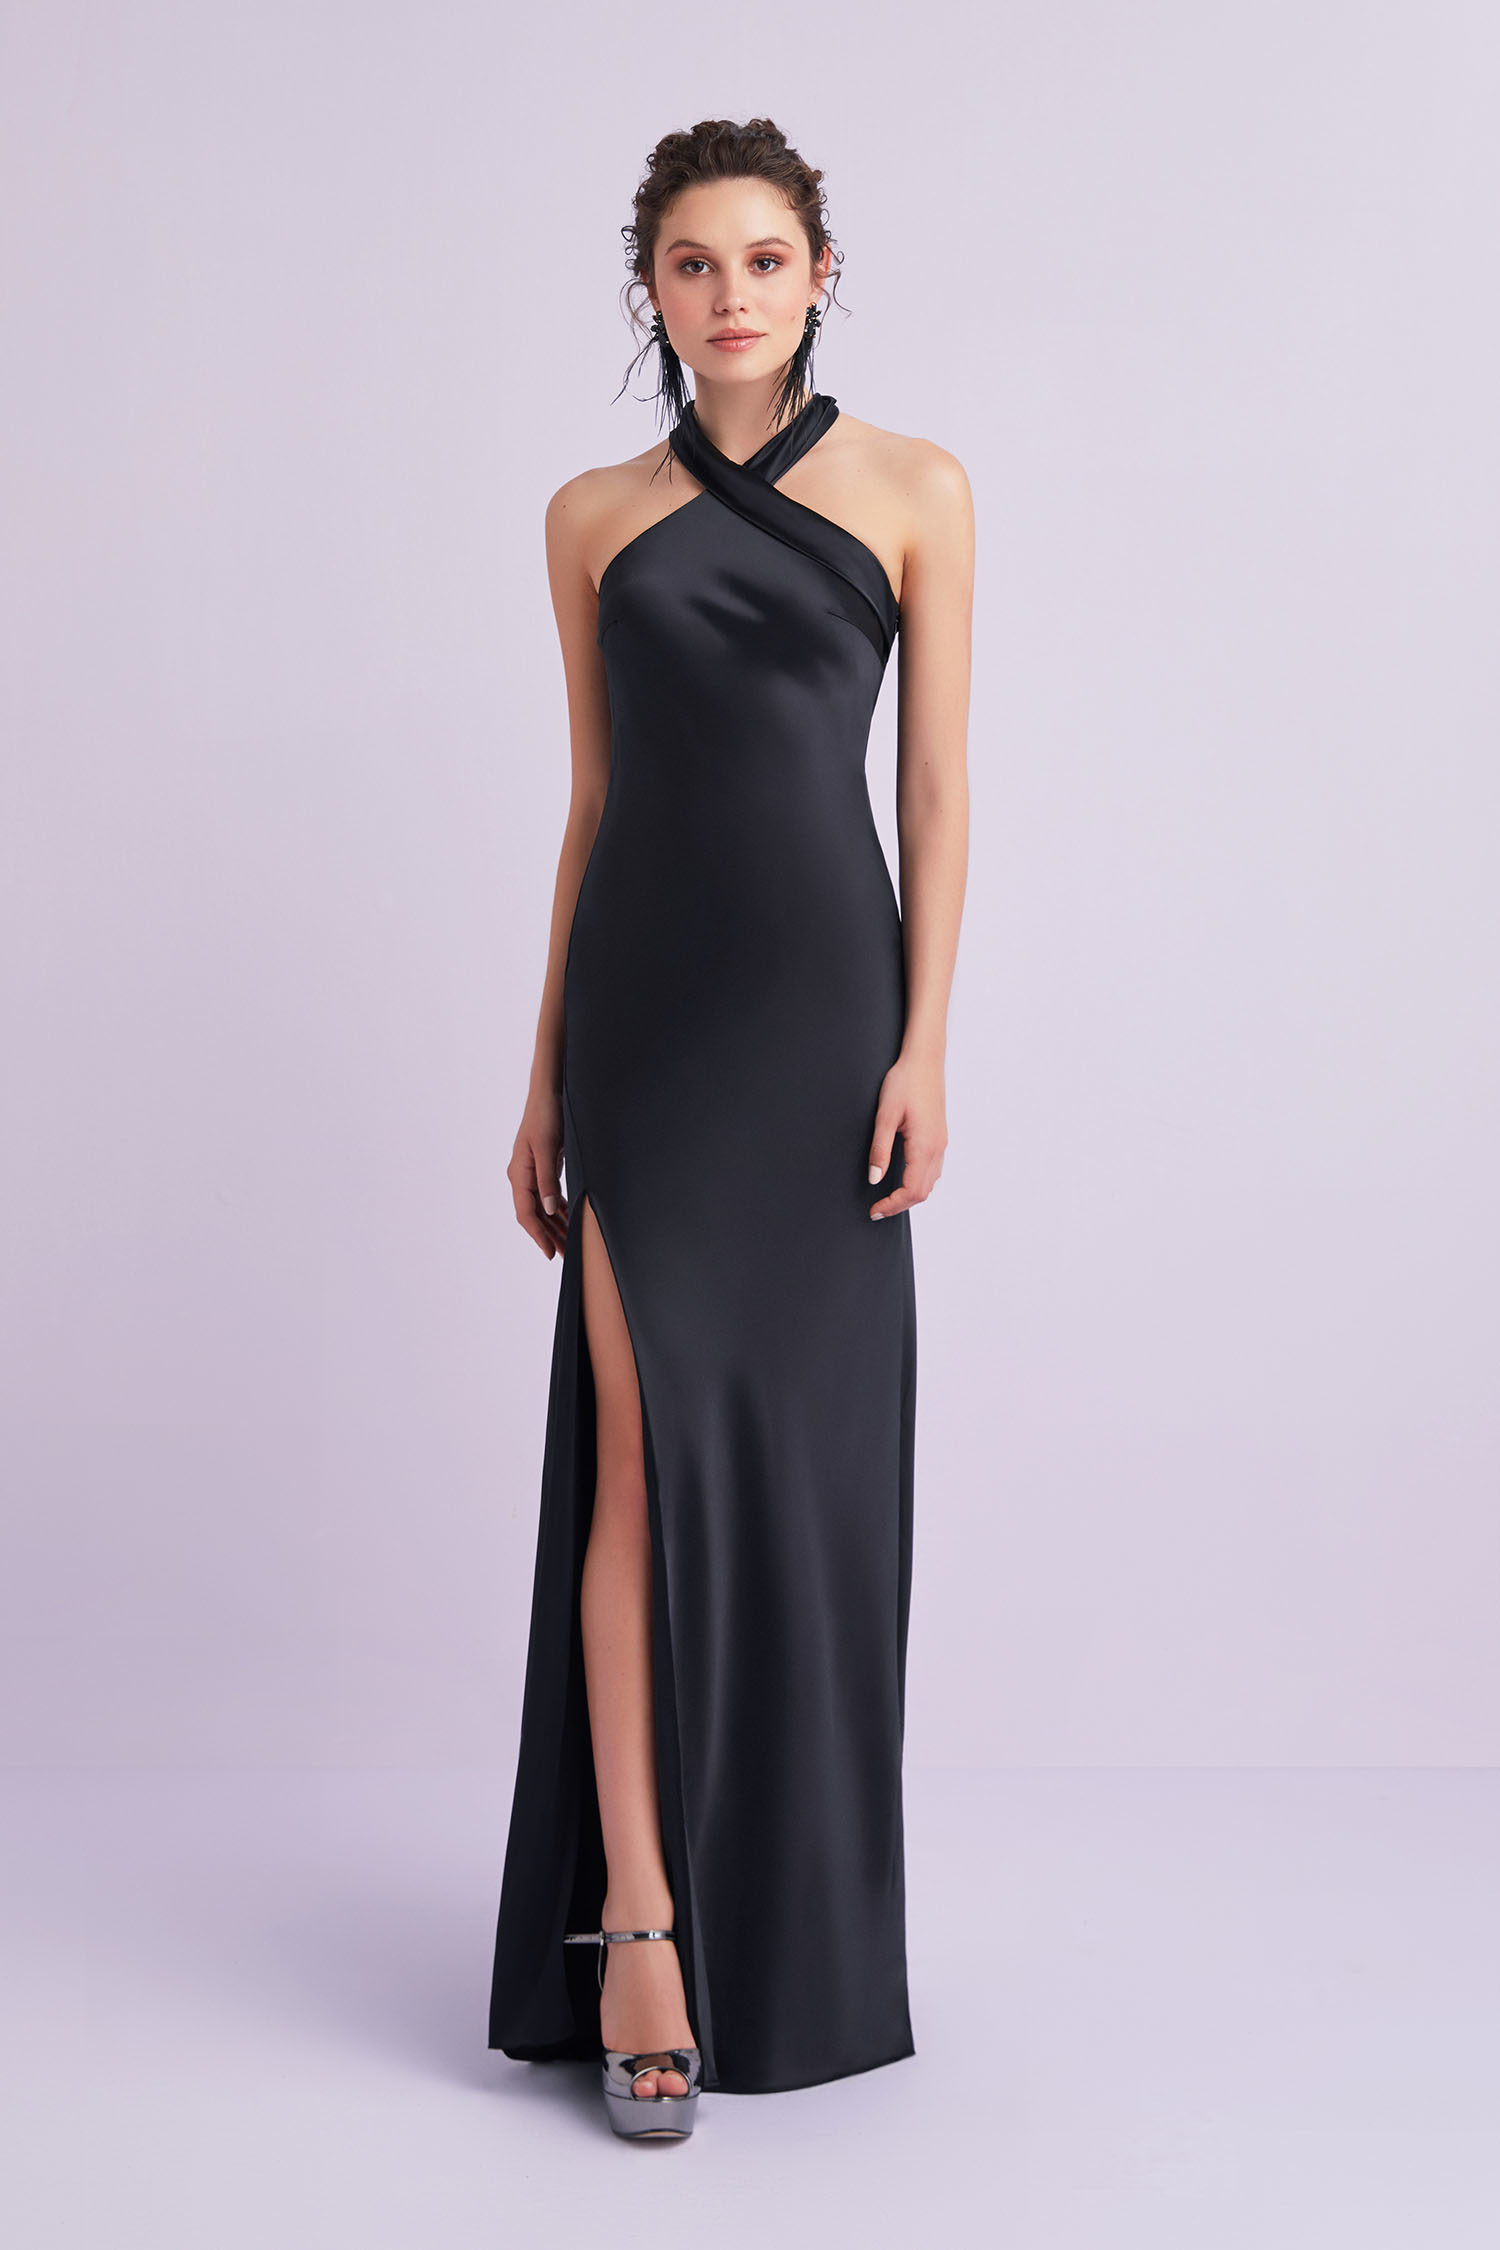 Siyah Halter Yaka Yırtmaçlı Saten Uzun Abiye Elbise - Thumbnail